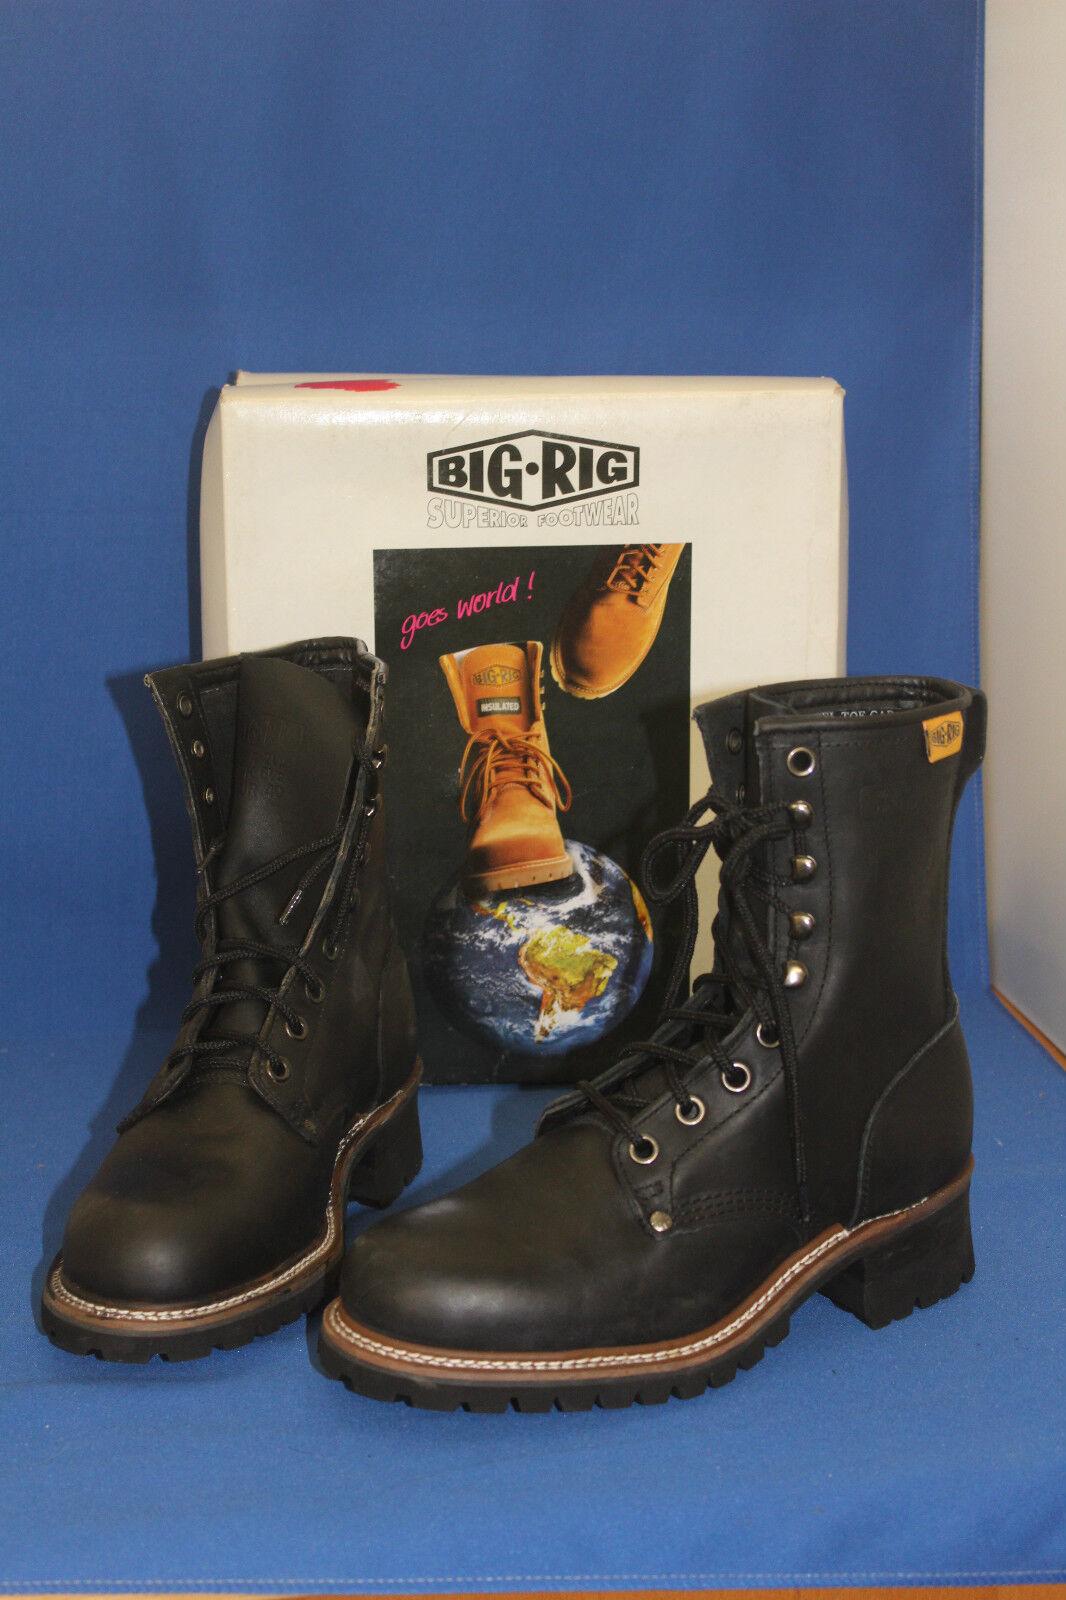 Big Rig schnürrstiefel Pelle Lenny Stivali Outdoor libero scarpe per il tempo libero Outdoor tg. 36 ad4853